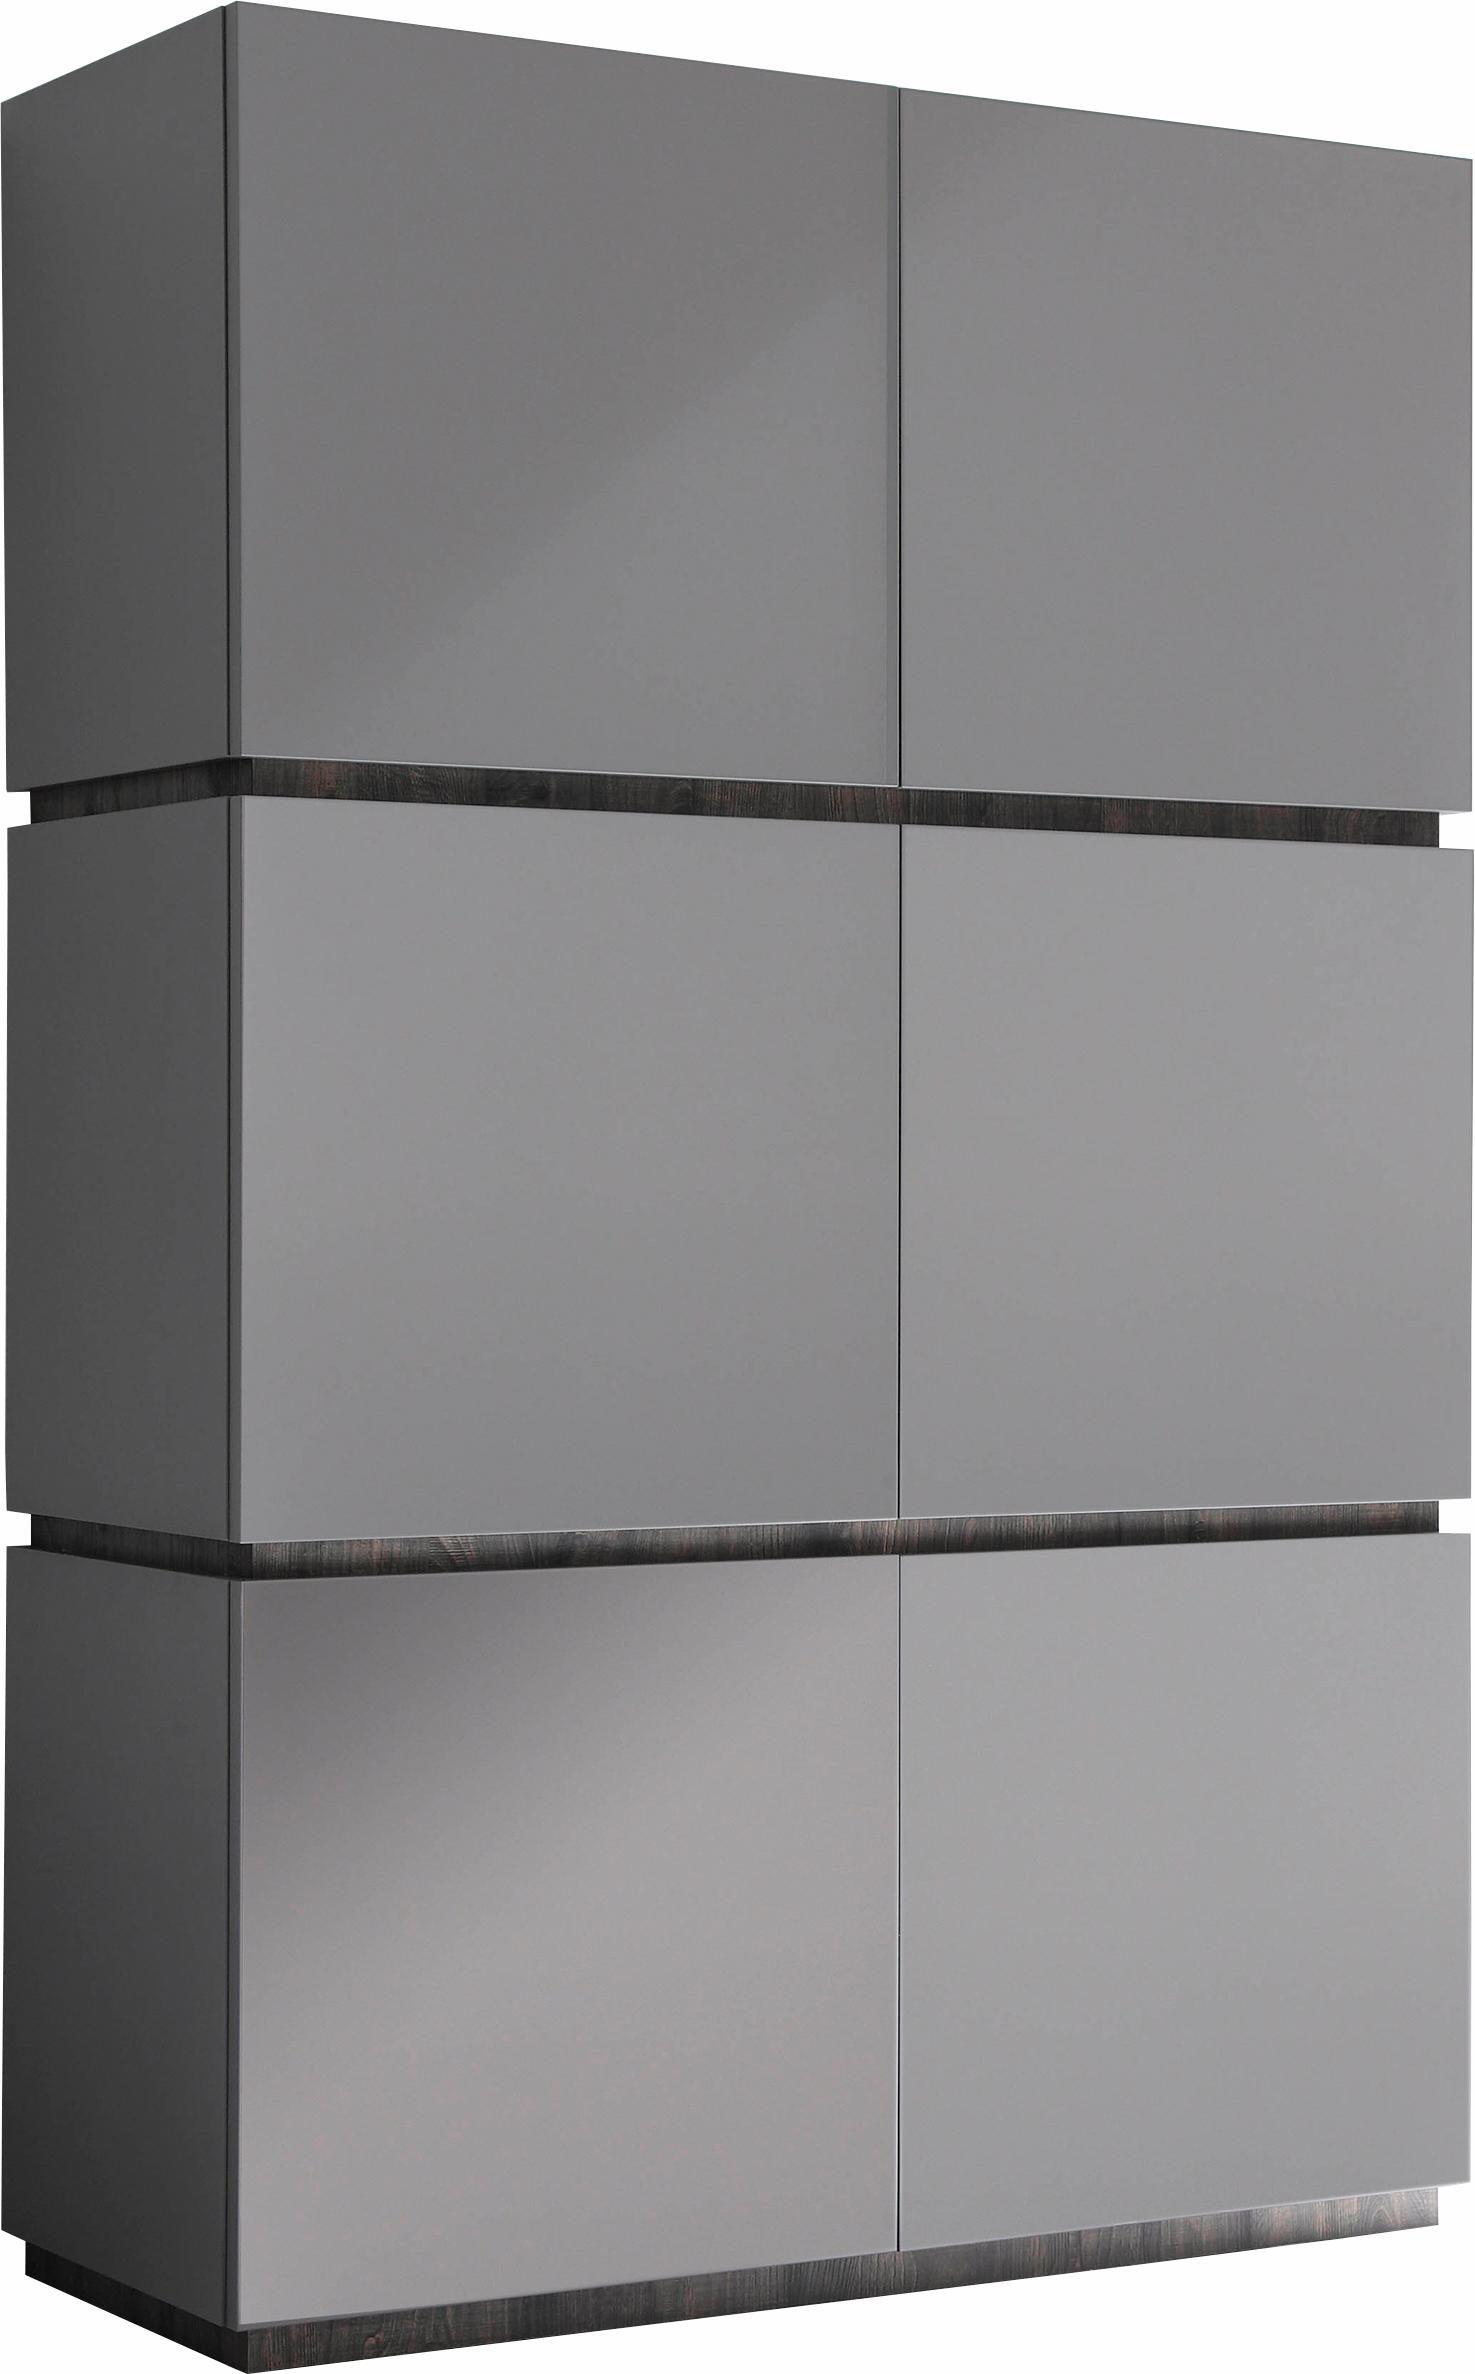 Opbergkast Vespa 190 cm hoog Mat grijs